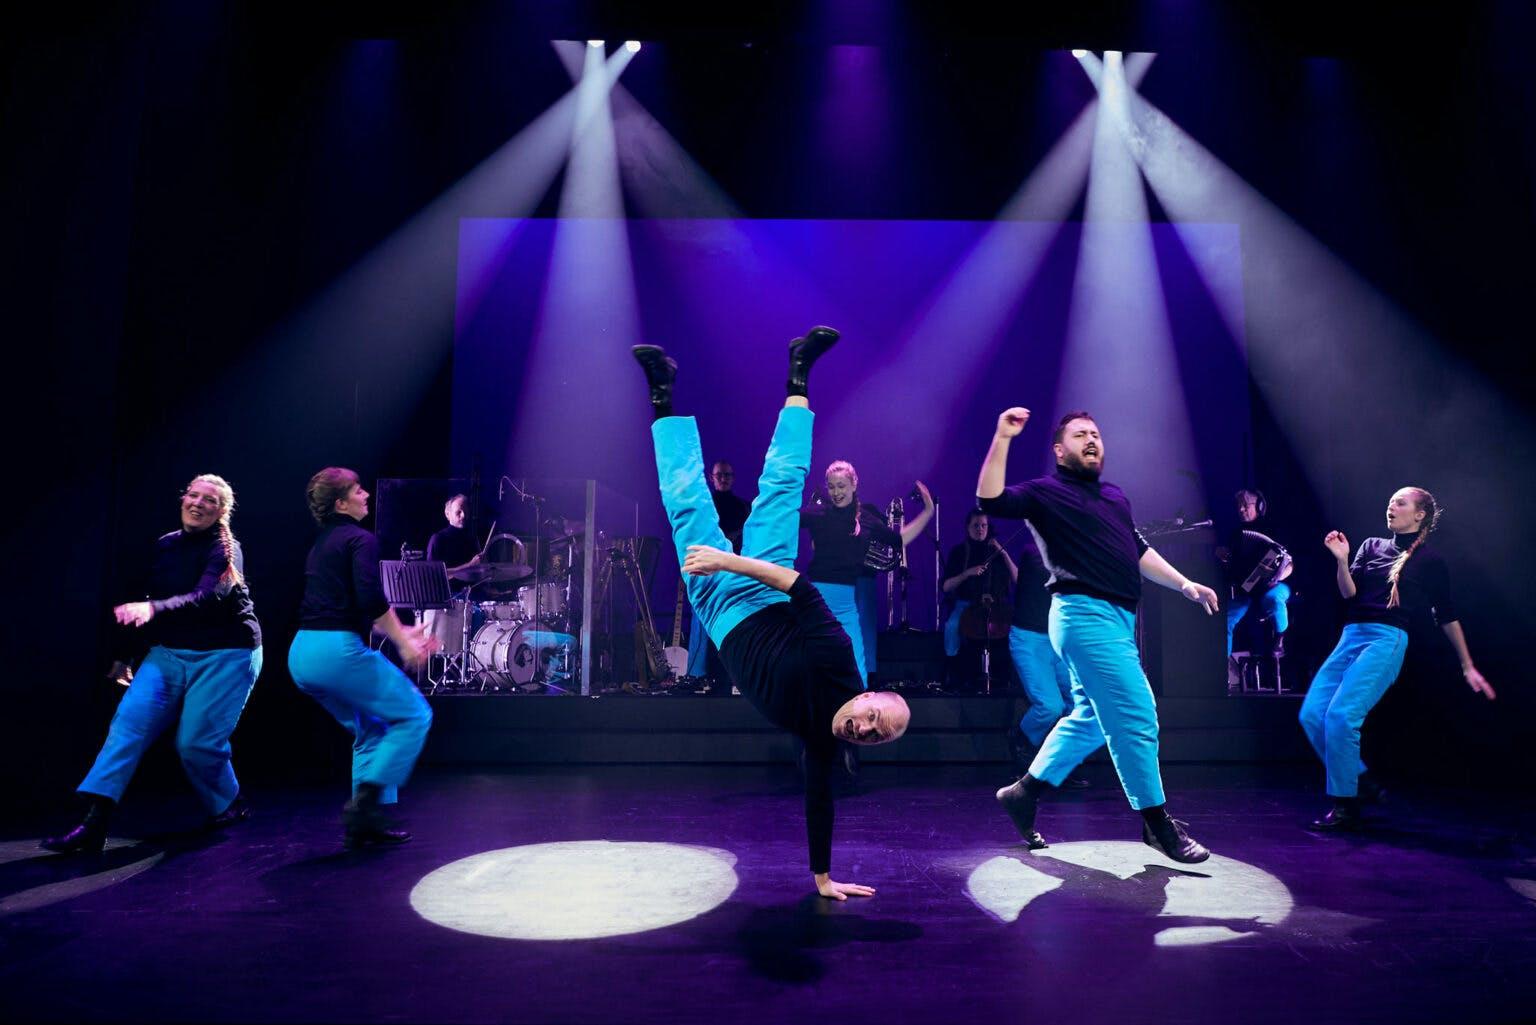 Anmeldelse af Drømte mig en drøm: En musikalsk sanseoplevelse for alle generationer